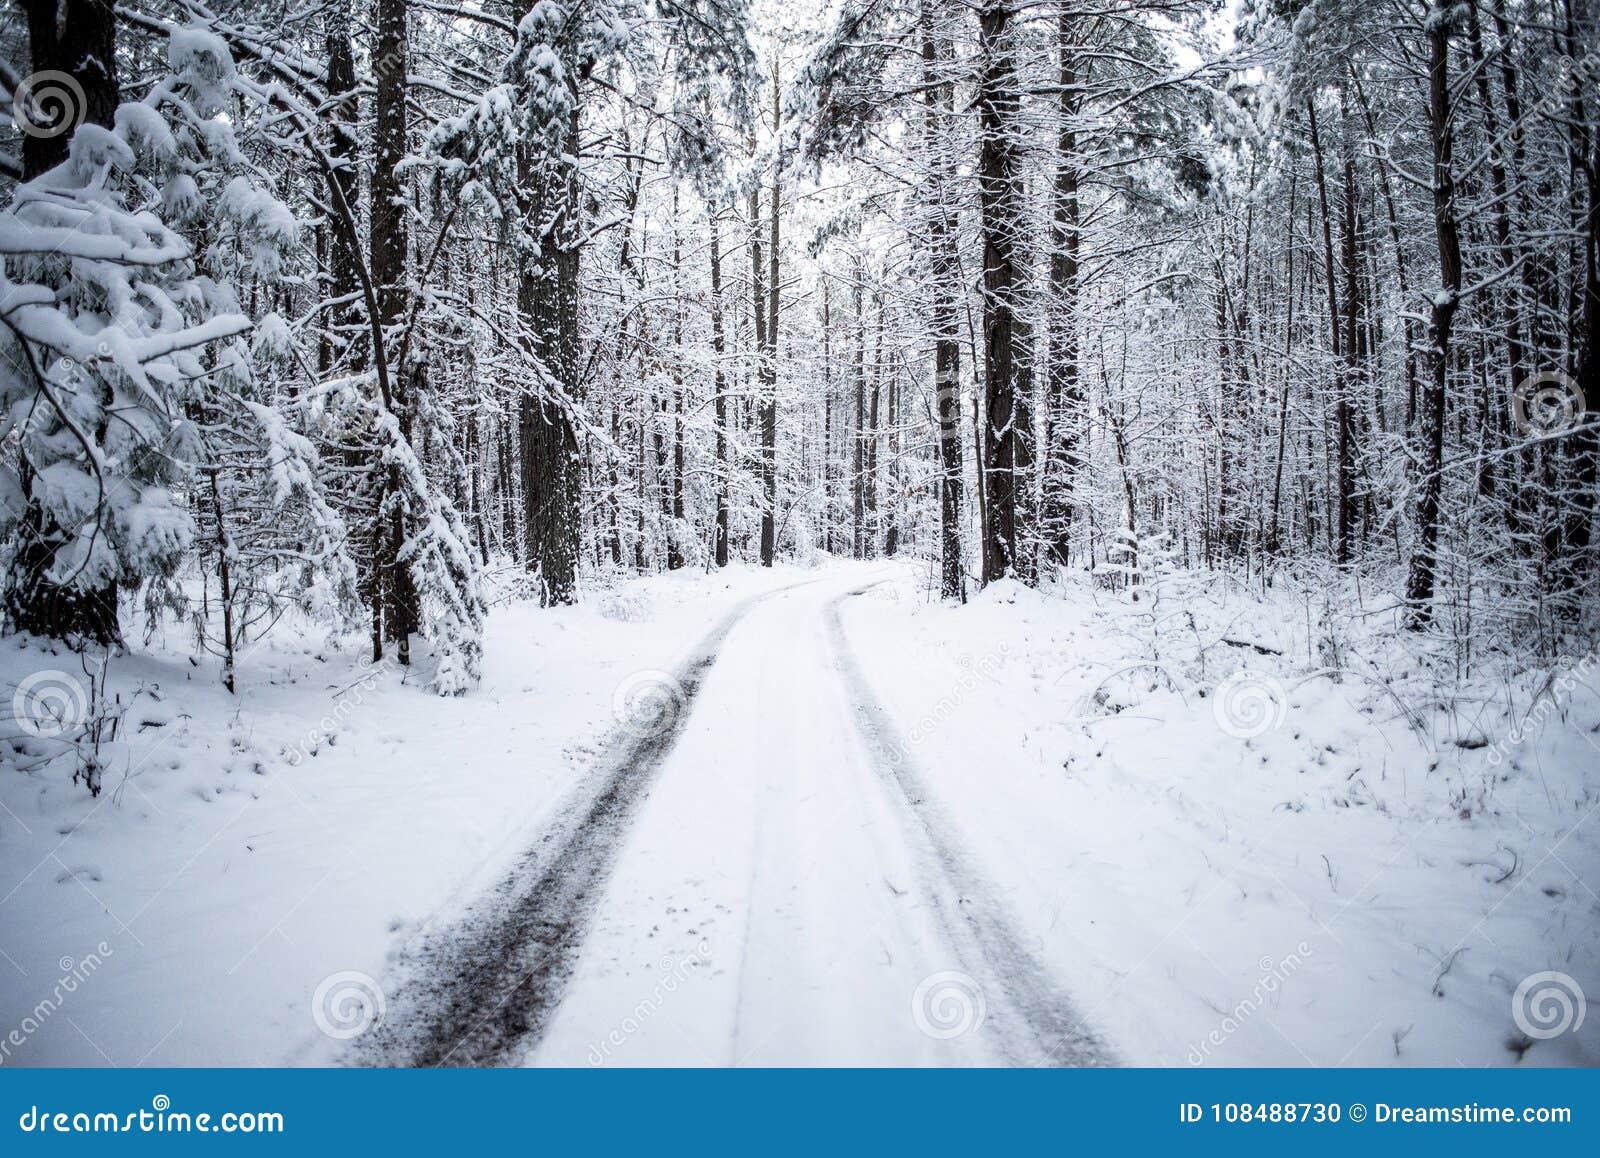 Φωτογραφία ενός χιονισμένου ίχνους στα ξύλα